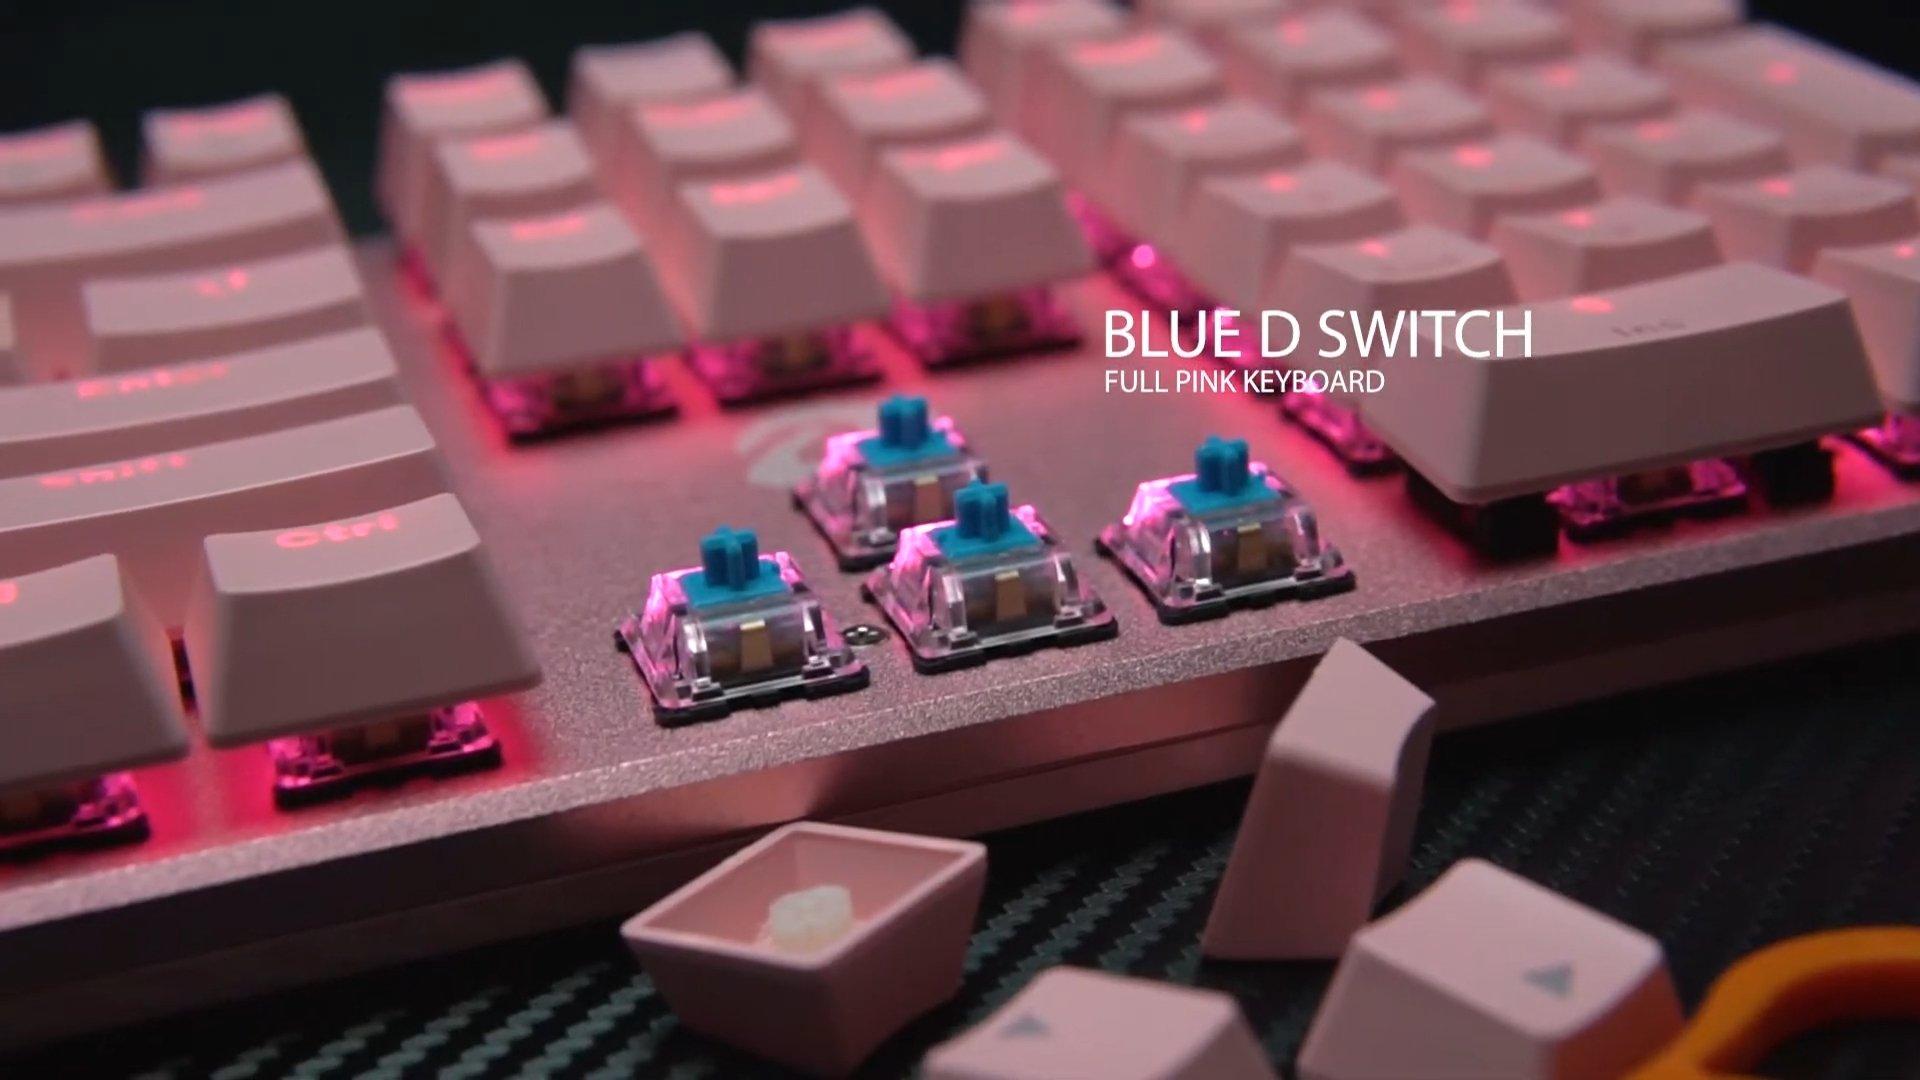 Bàn Phím cơ Dareu EK810 Pink (USB/Pink Led/Red switch) sử dụng switch D độc quyền  DareU